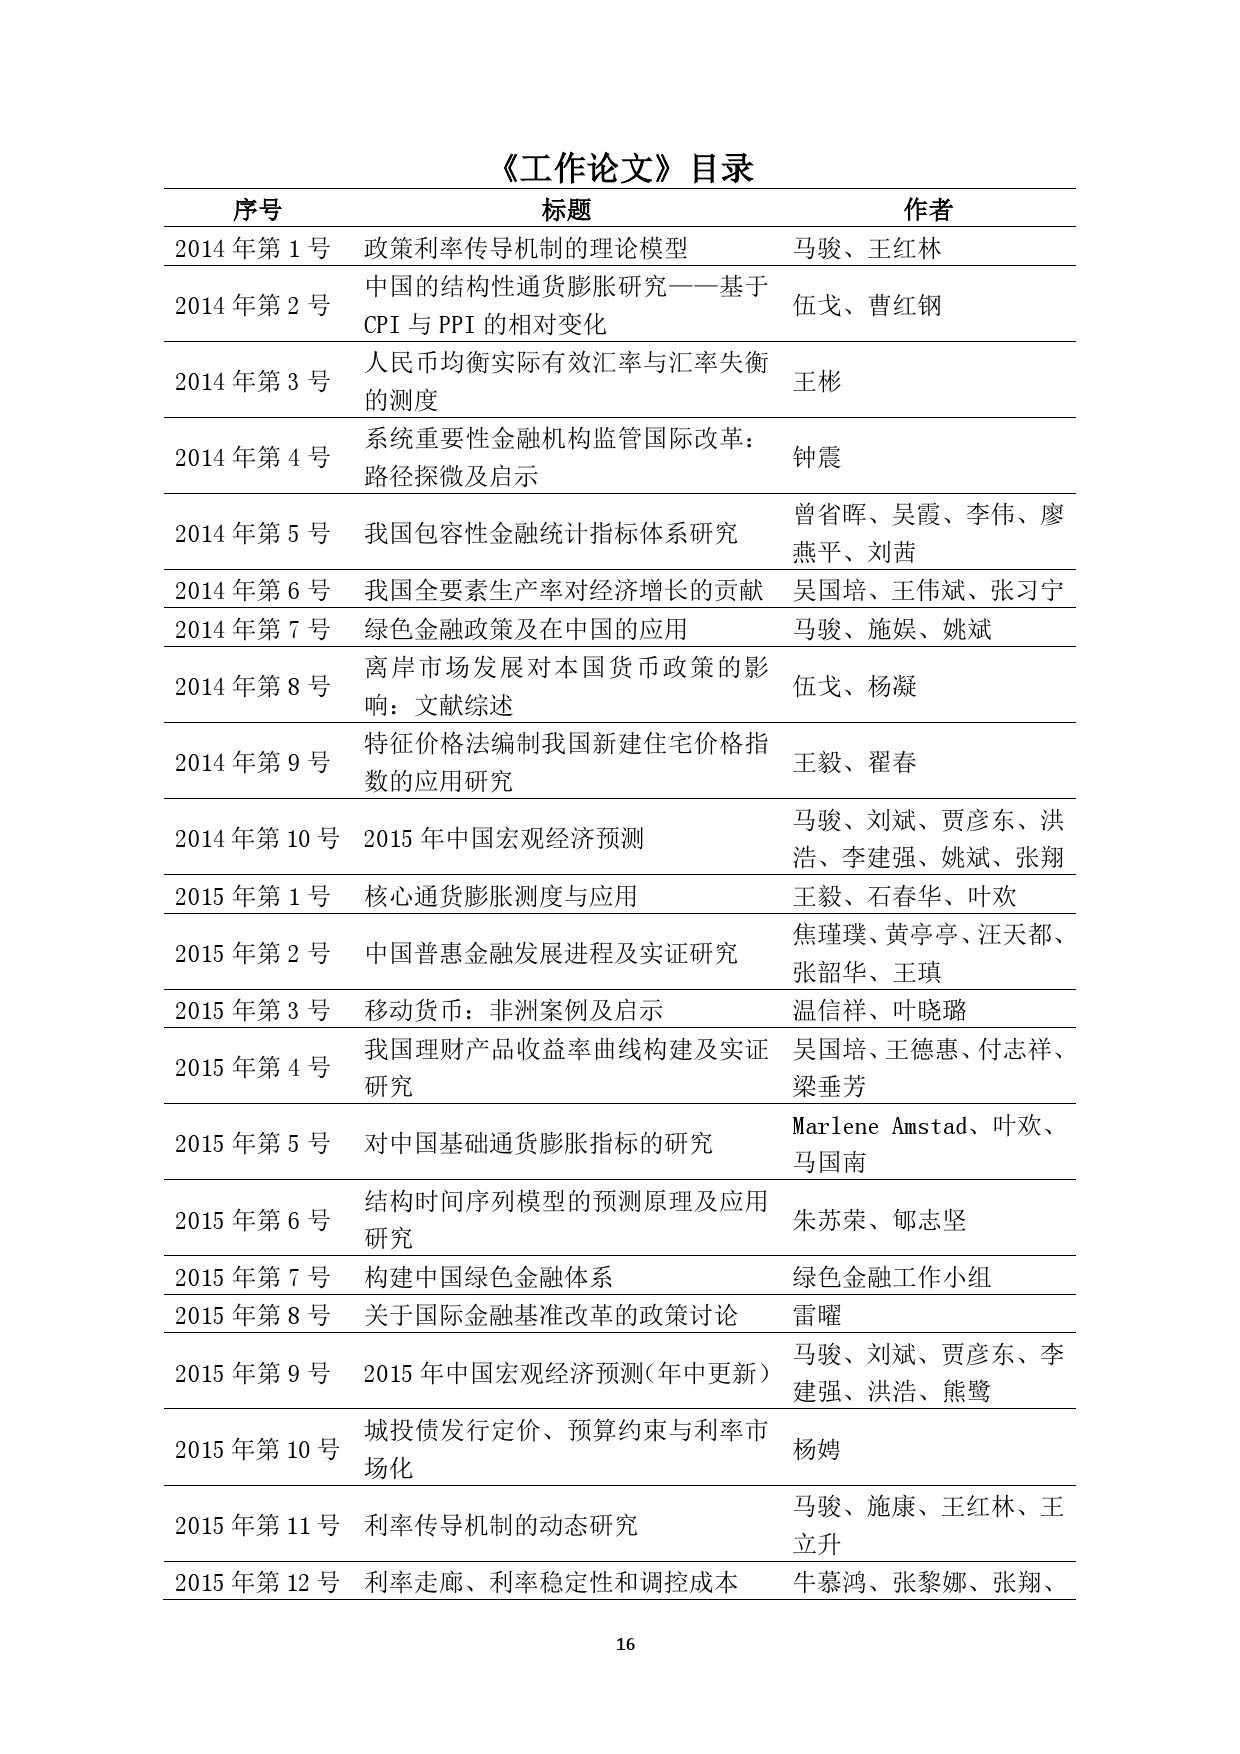 中国人民银行:2016 年中国宏观经济预测_000016